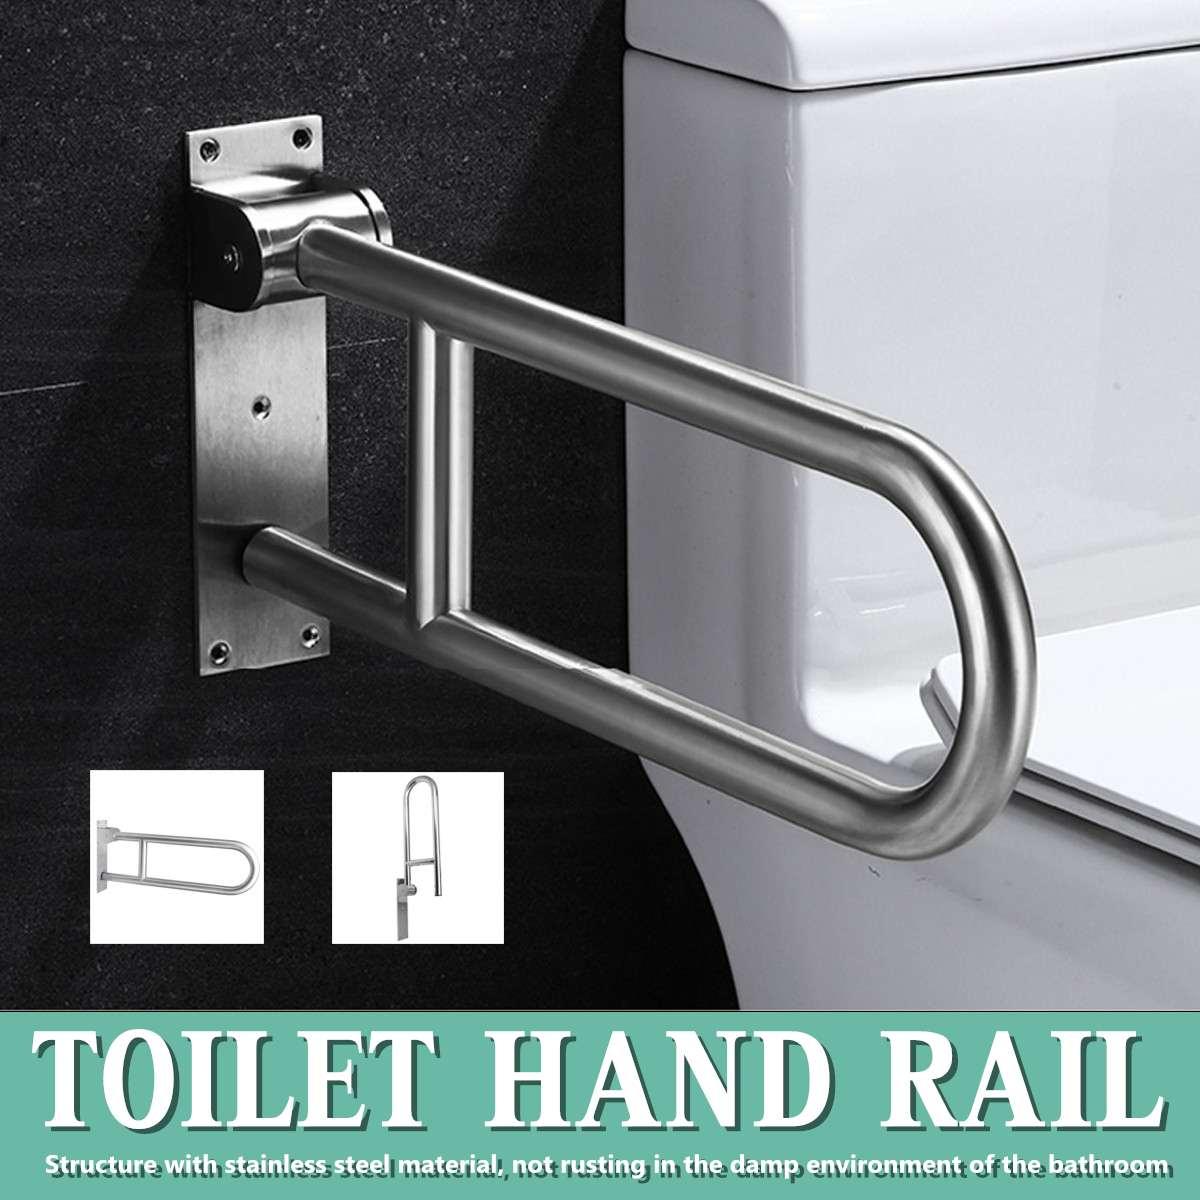 Barras de seguridad para baño, barras de acero inoxidable, Marco de seguridad para inodoro, barra de agarre para discapacitados, agarraderas de mano para baño, pasamanos para ducha y baño